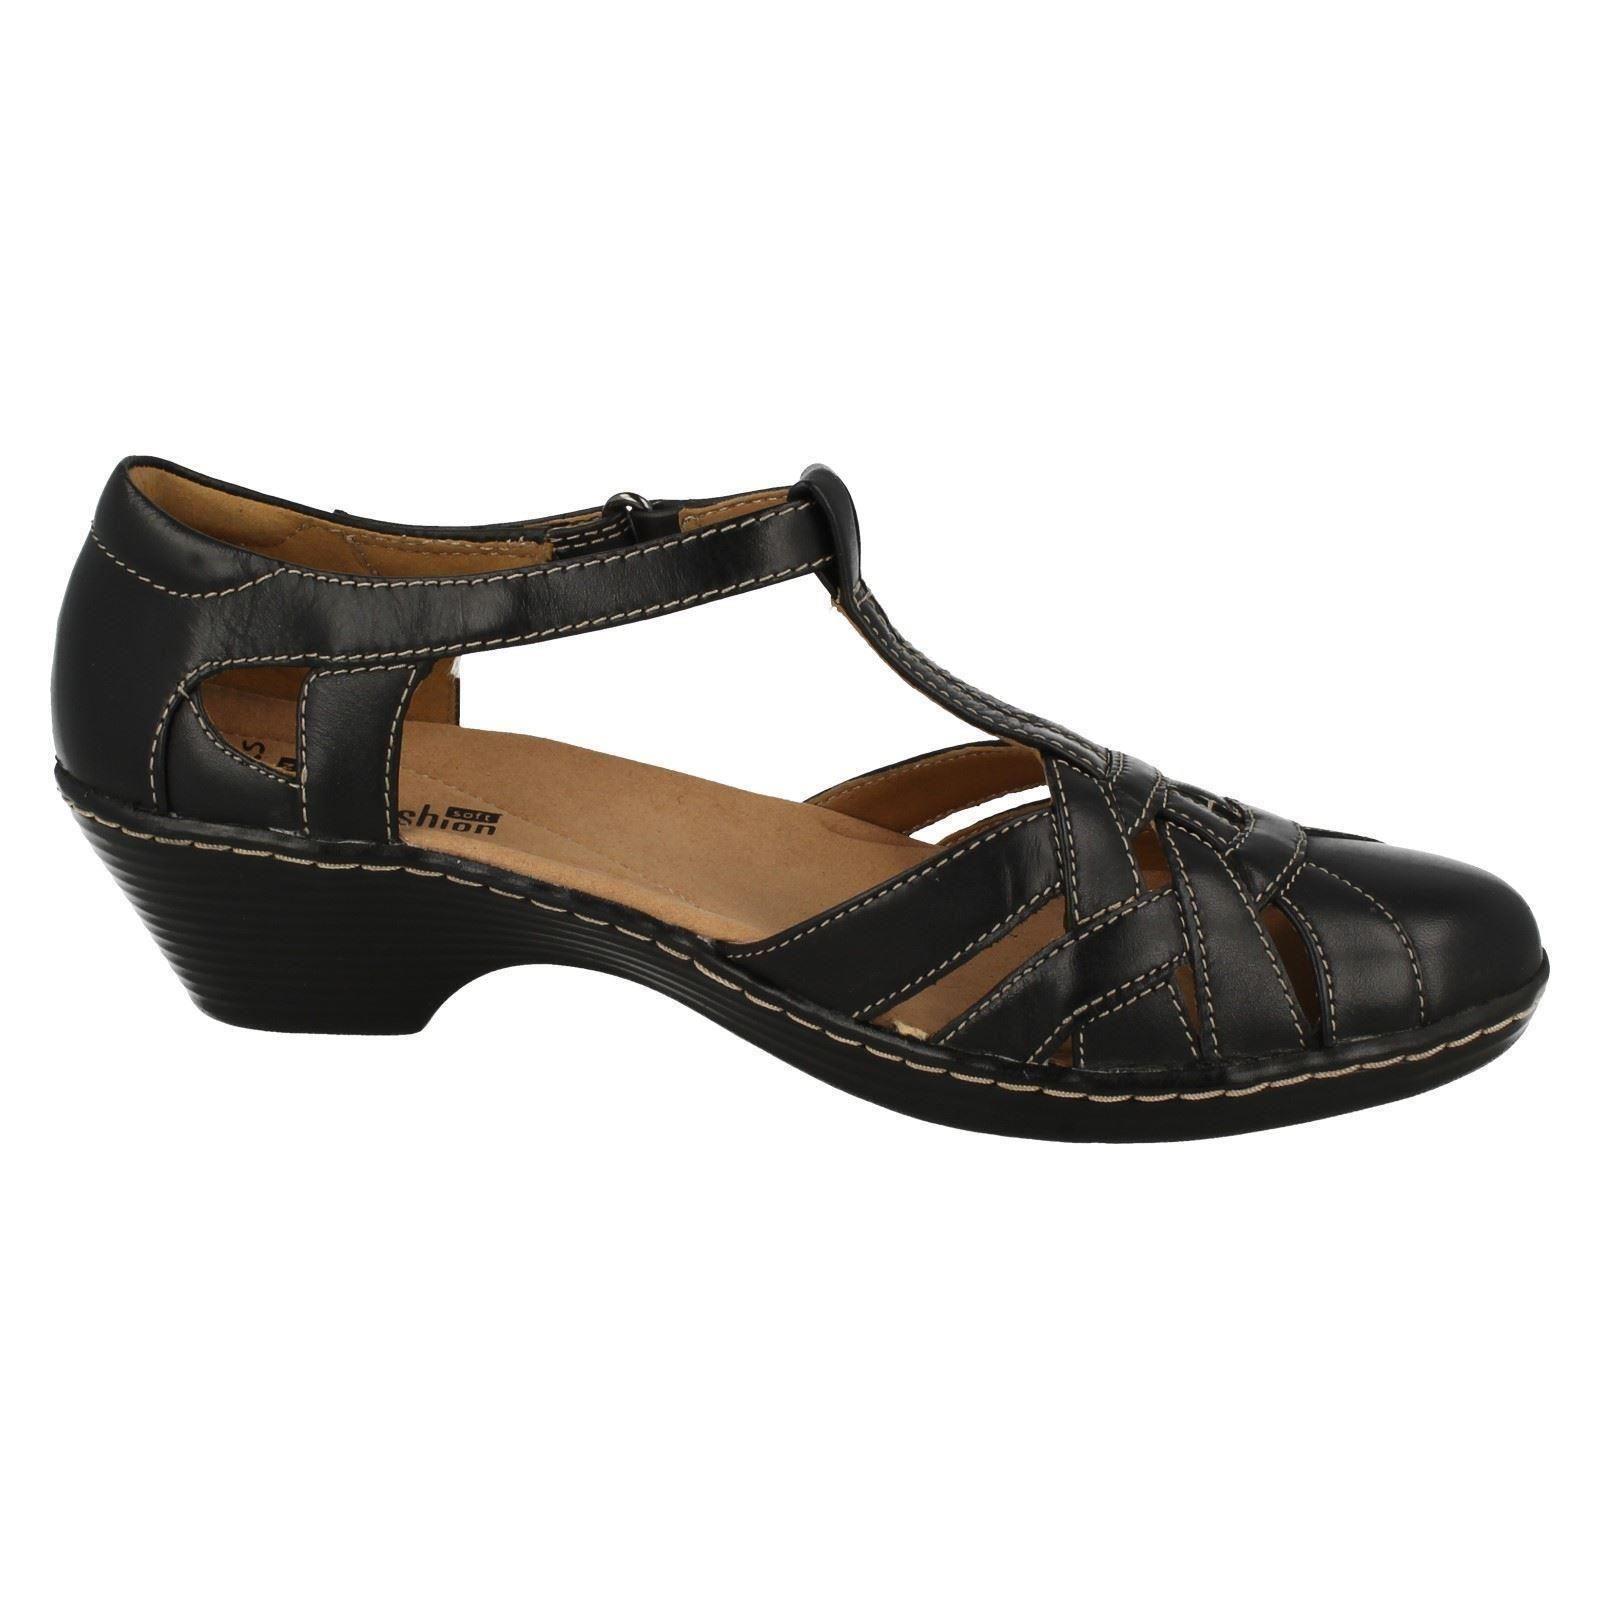 Clarks Low Heel Shoes